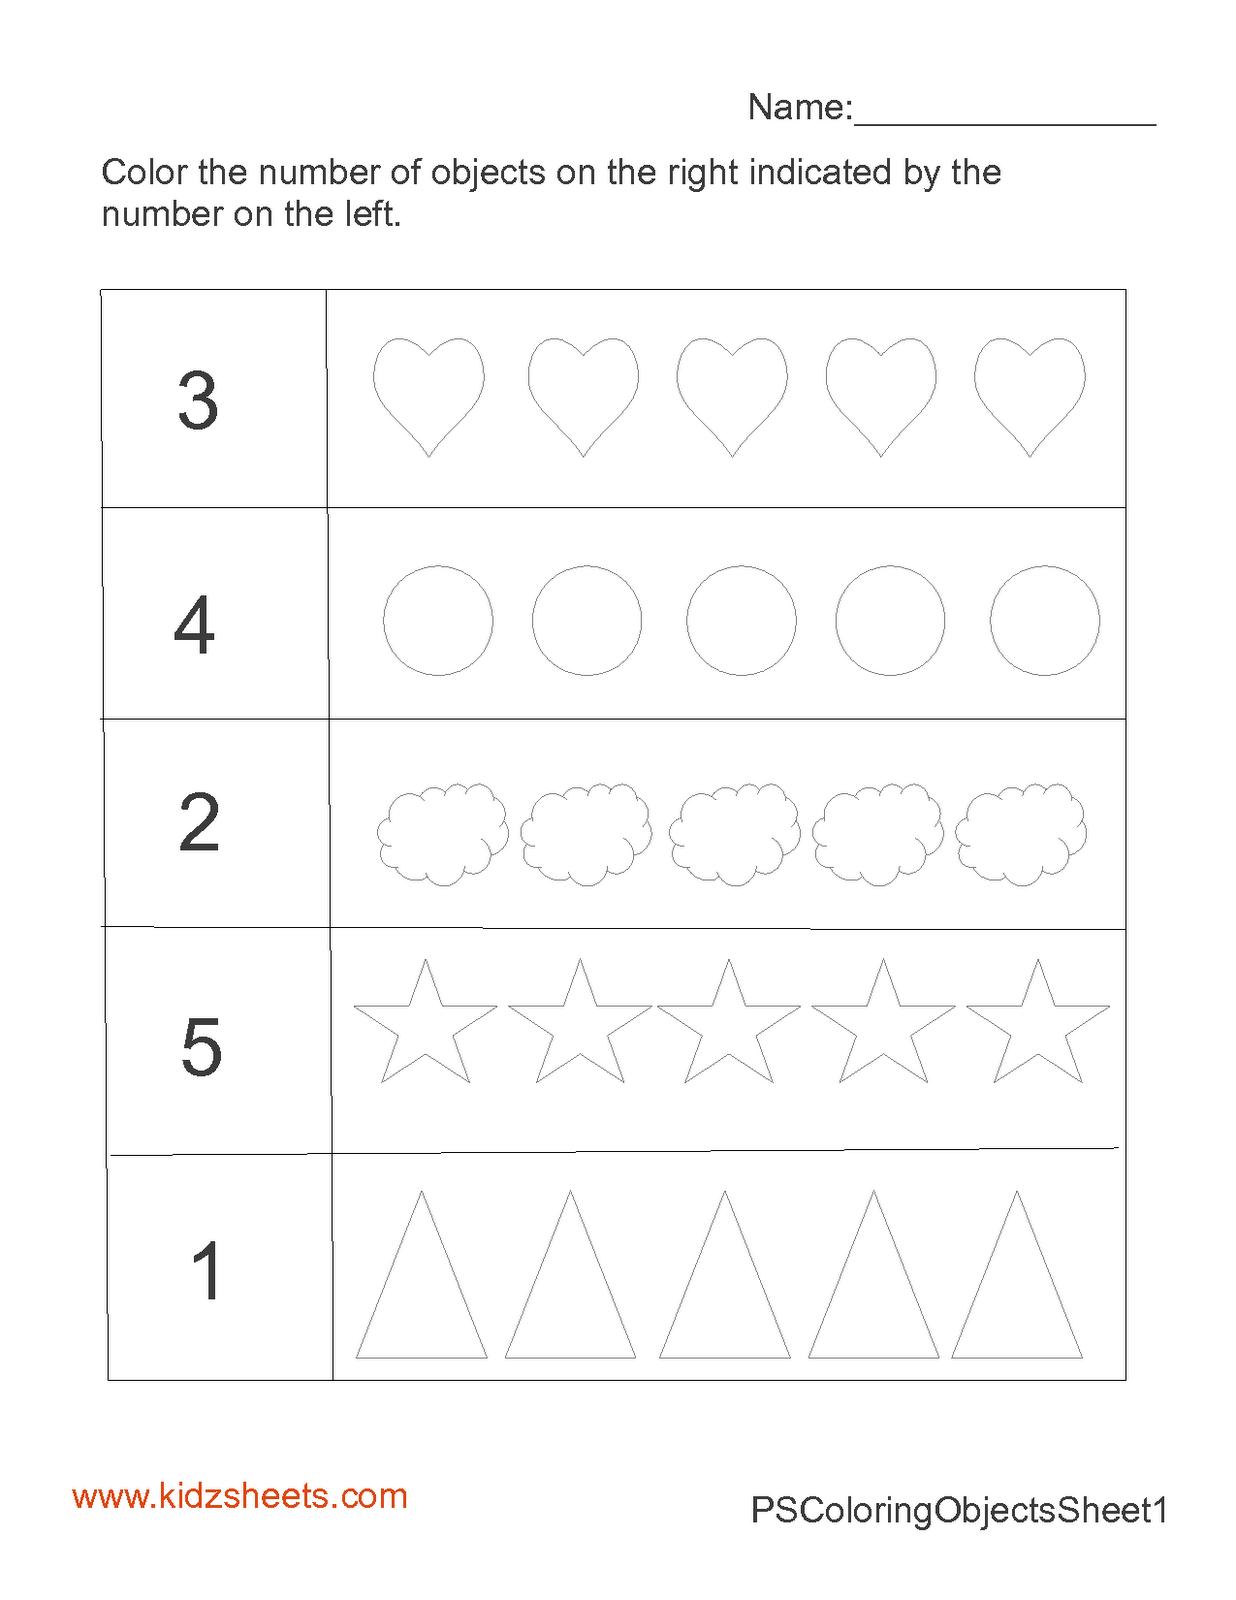 kidz worksheets preschool count color worksheet1. Black Bedroom Furniture Sets. Home Design Ideas